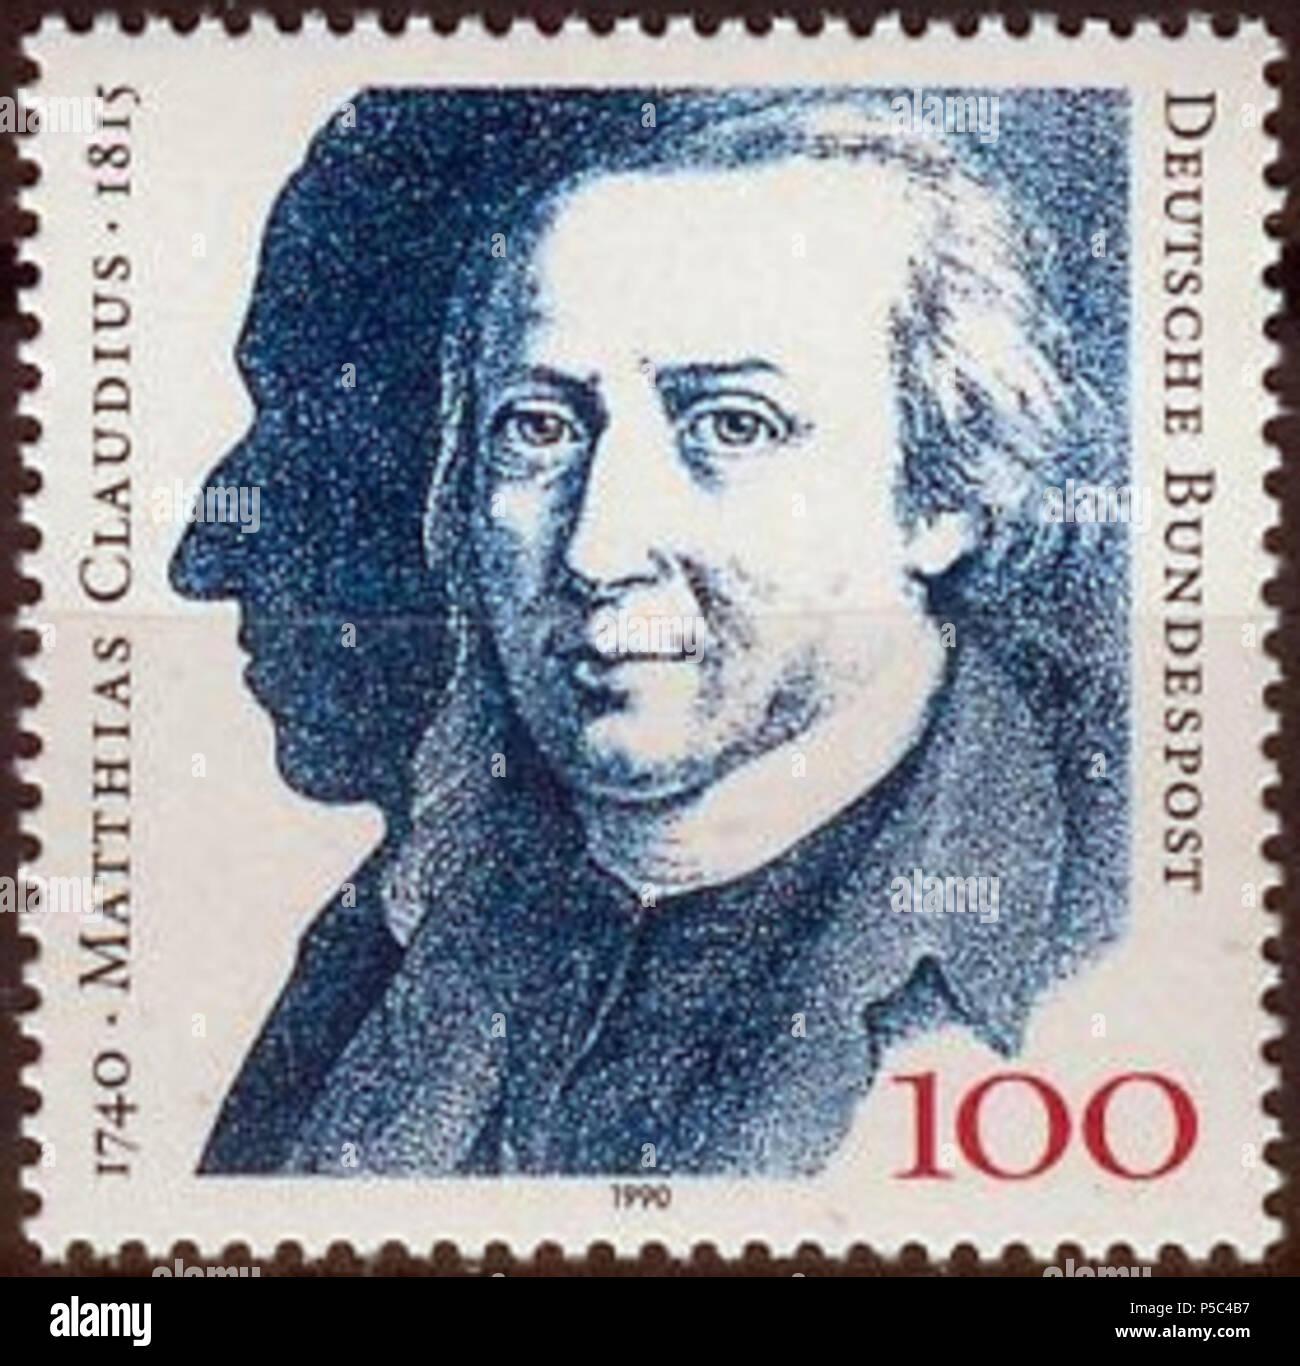 N/A. Motiv / Motive: 250. Geburtstag Von Matthias Claudius Ausgabepreis /